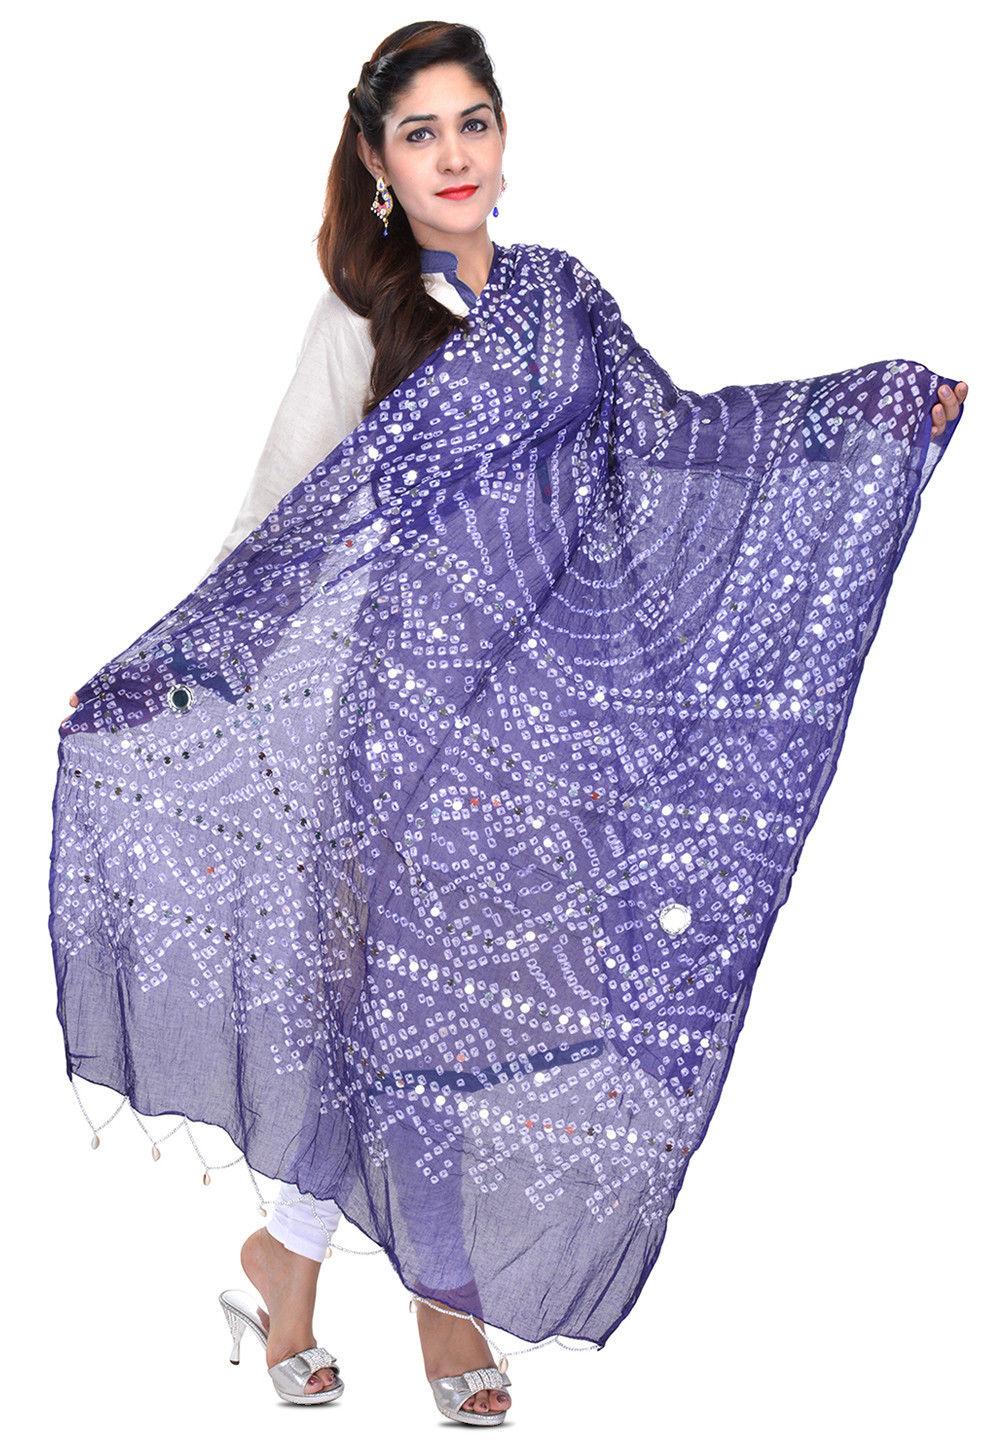 Bandhani Printed Cotton Dupatta in Blue